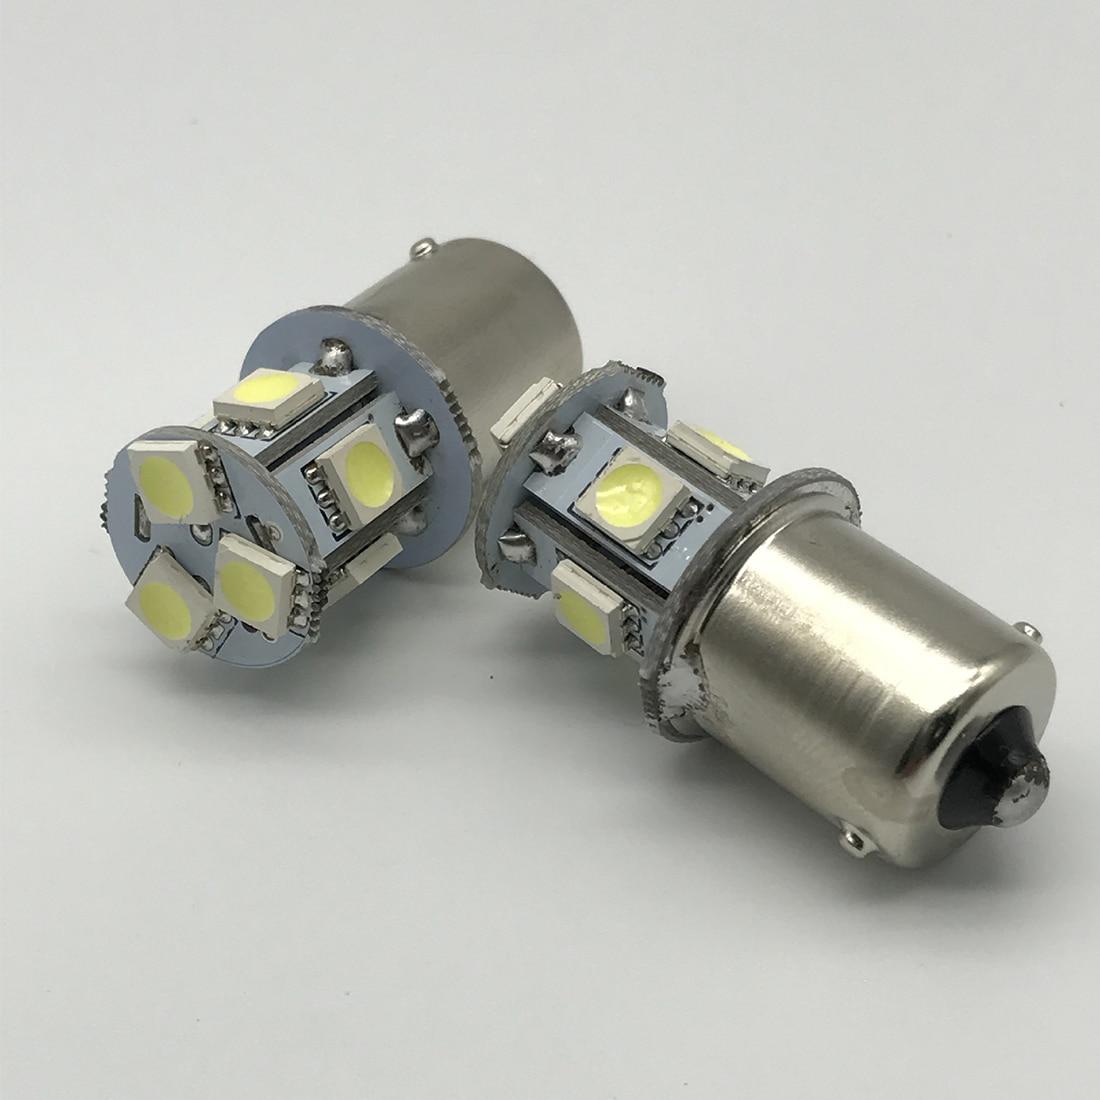 2pcs BA15S R5W 1156 5050 8SMD LED  Car Led Turn Parking Signal Lights Brake Tail Lamps Auto Rear Reverse Bulbs DC 12V